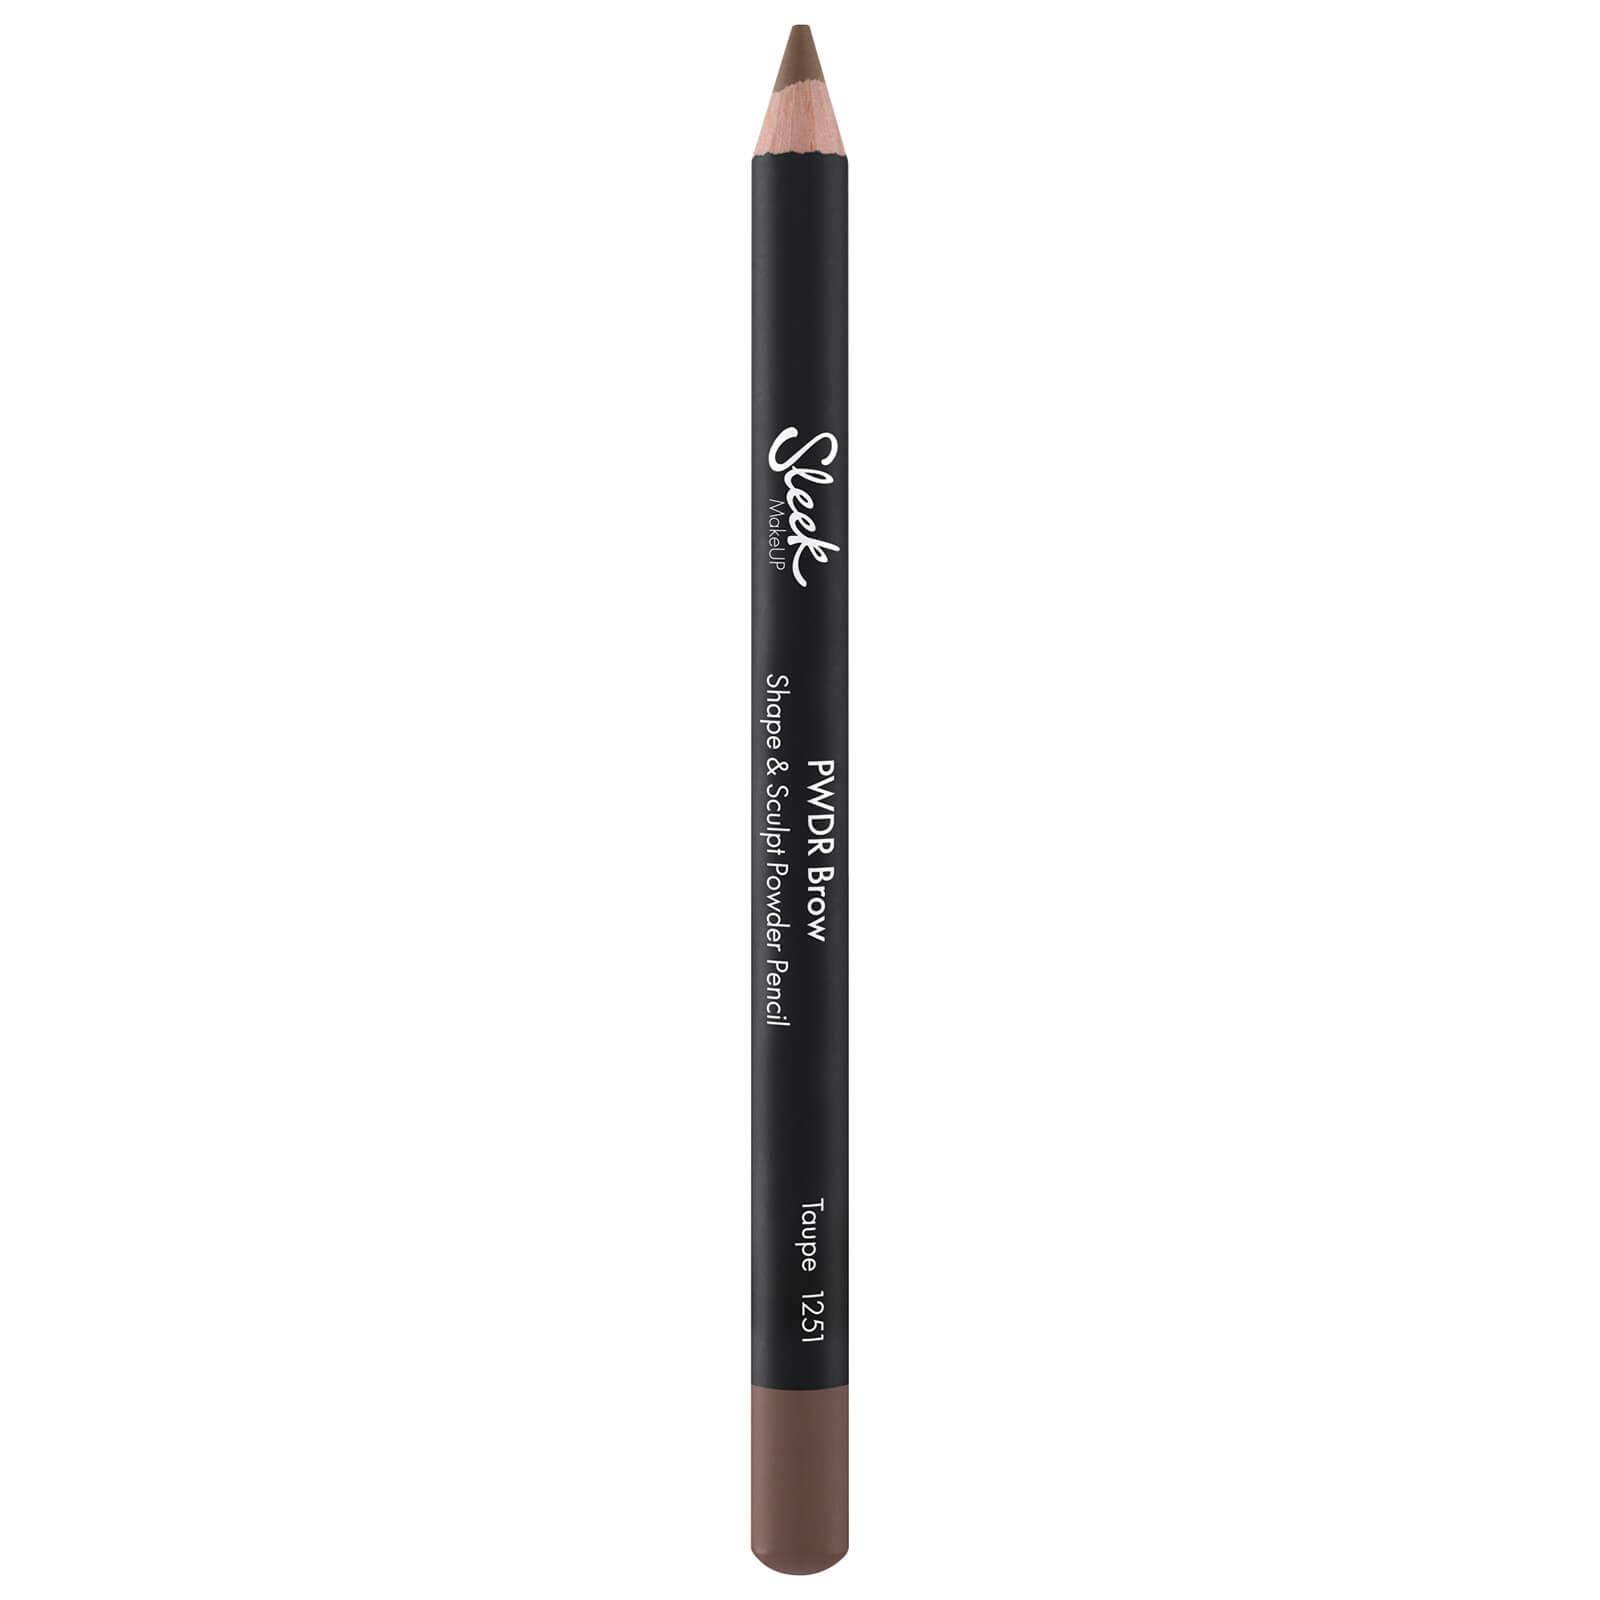 Sleek MakeUP Powder Brow Pencil (Various Shades) - Taupe